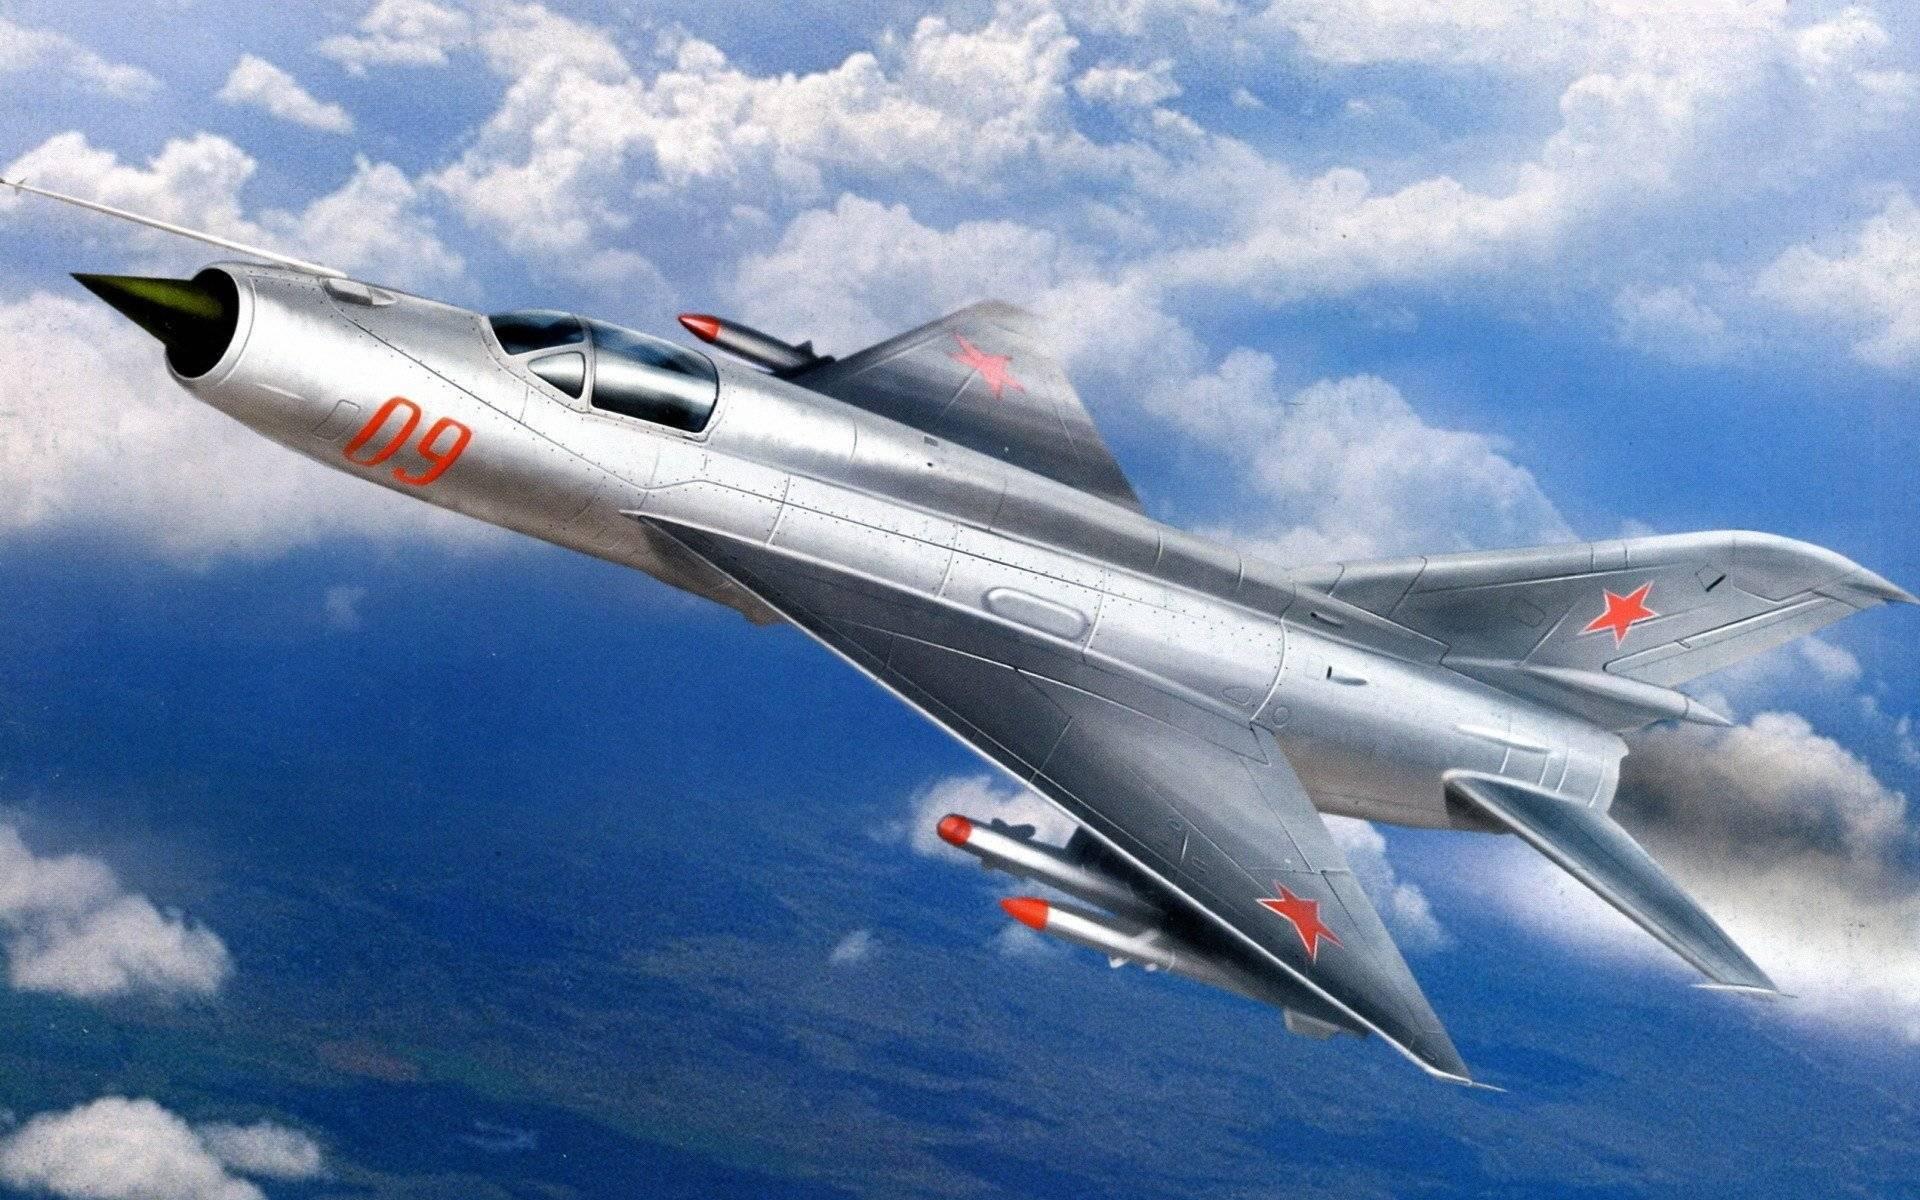 Миг-21. фото, история, характеристики самолета